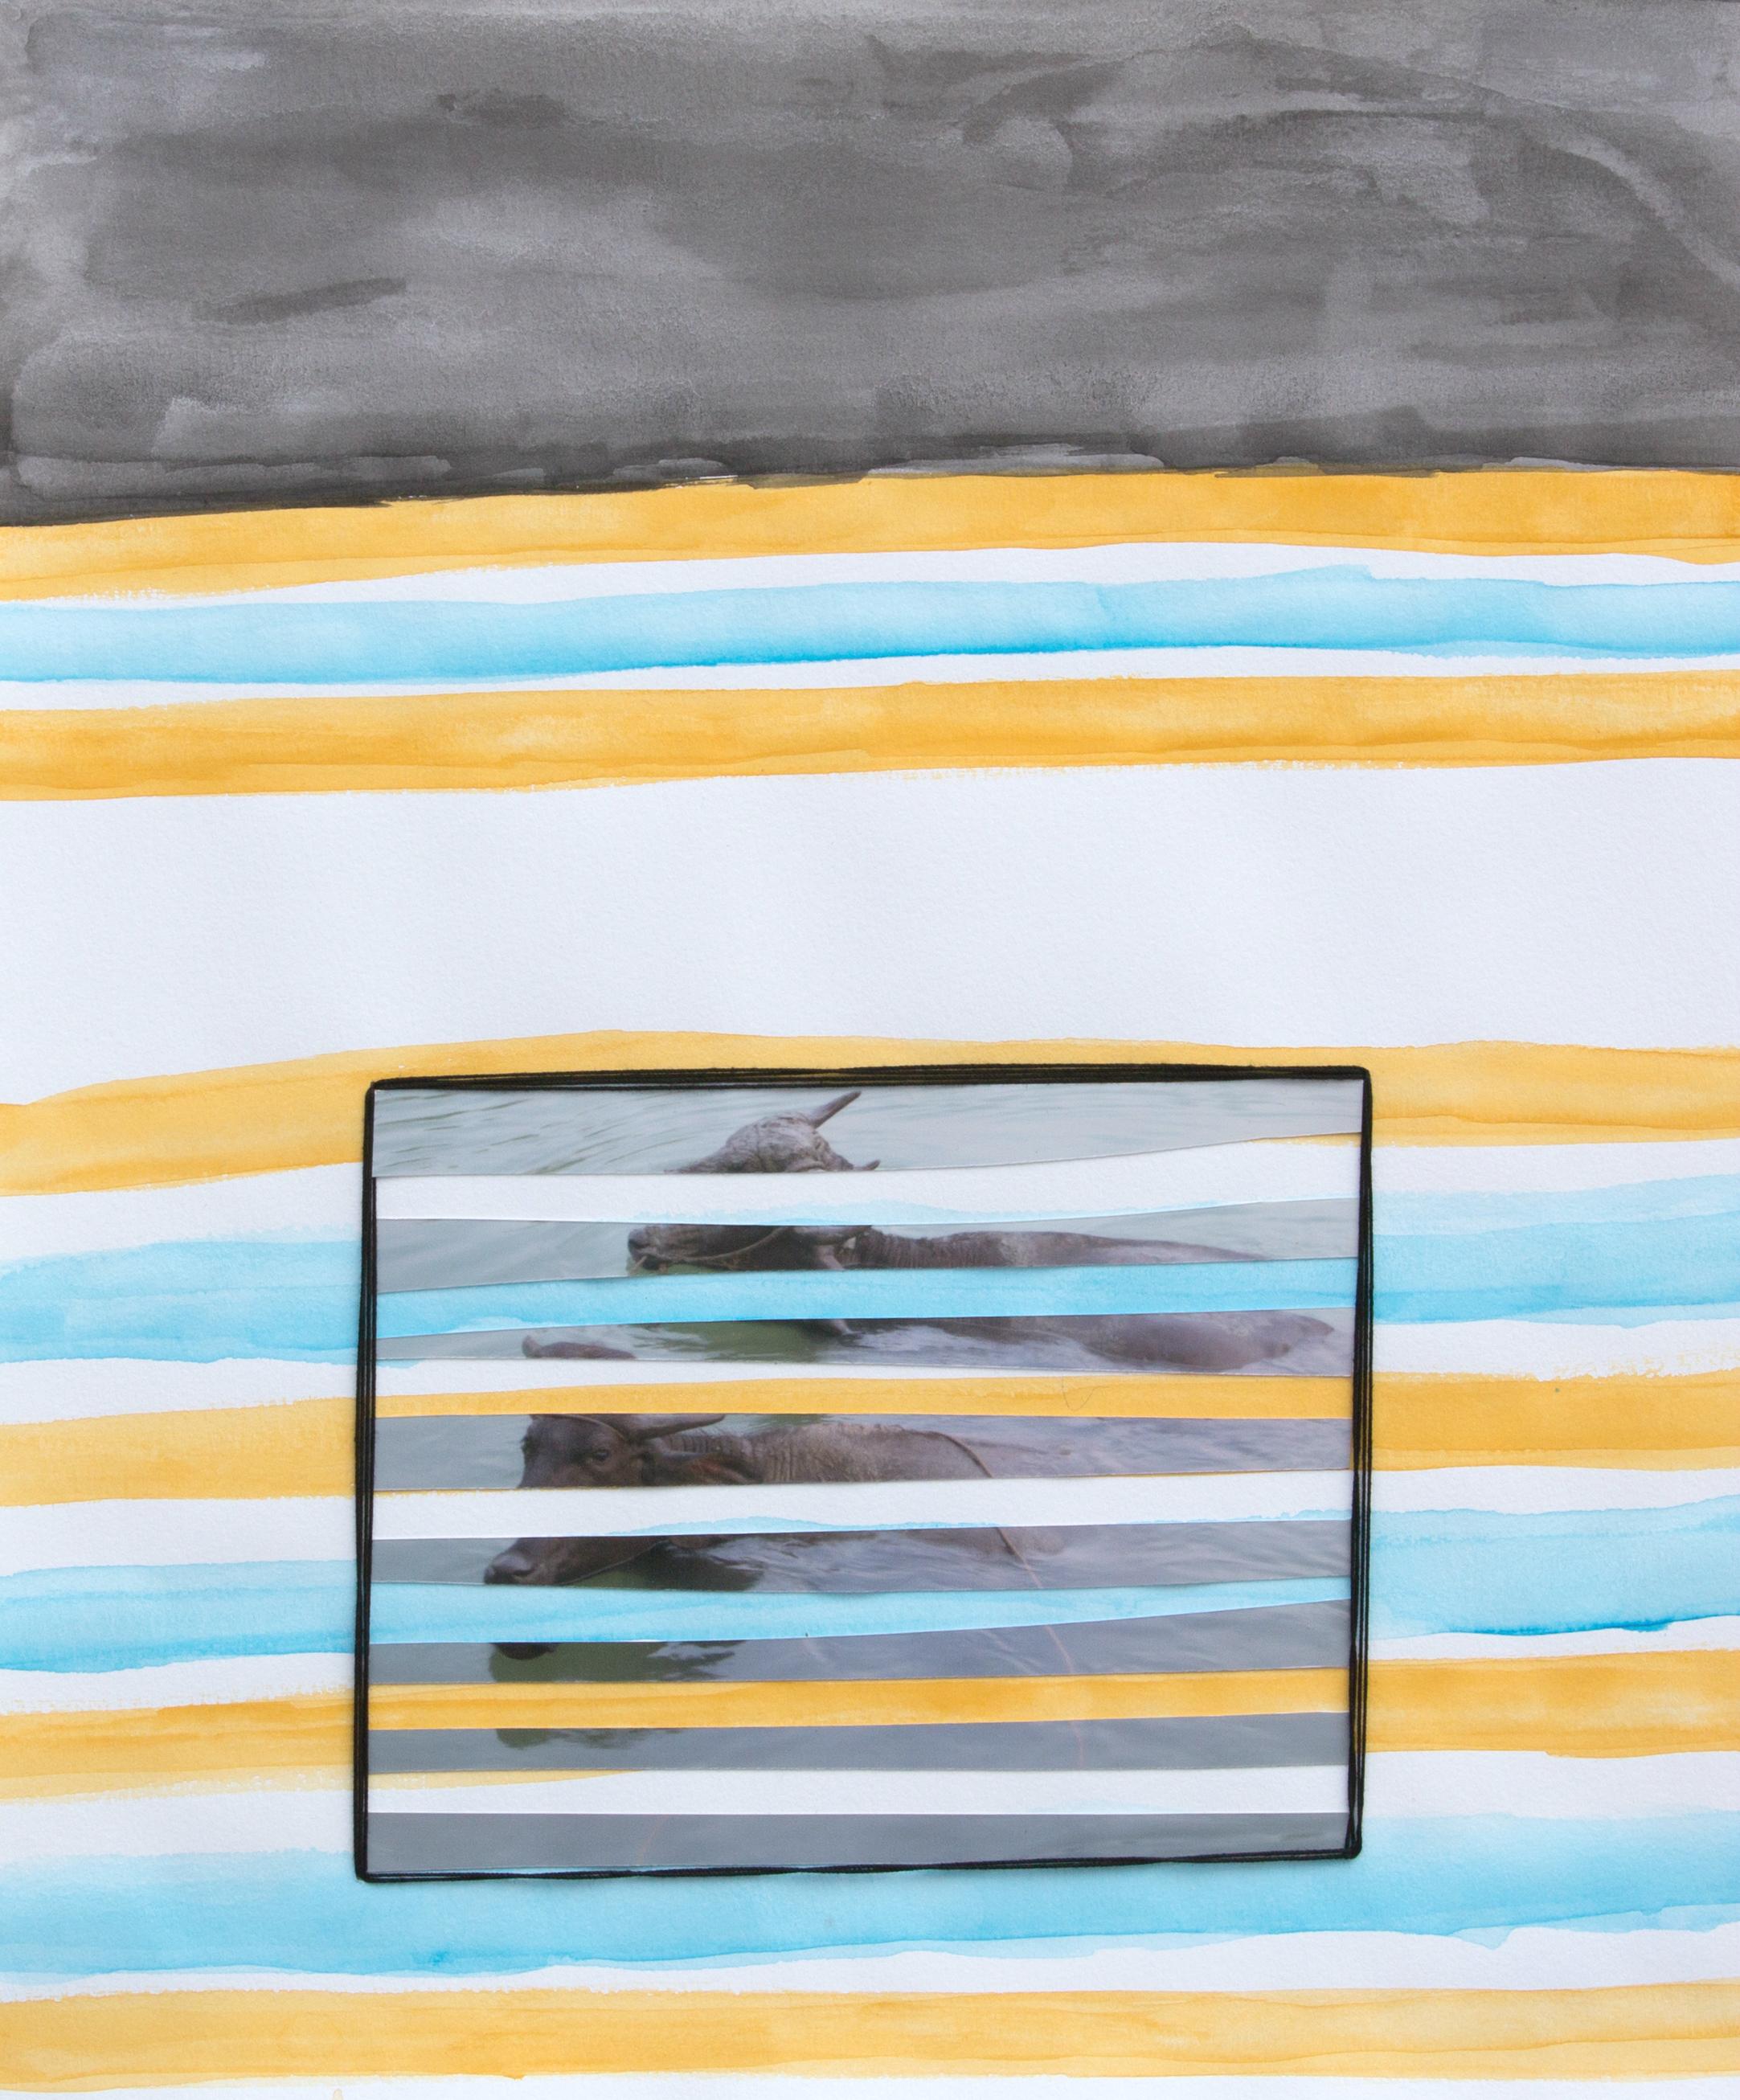 paper 13 ,2014  gouache, photograph, thread  12.75 x 10.5 inches